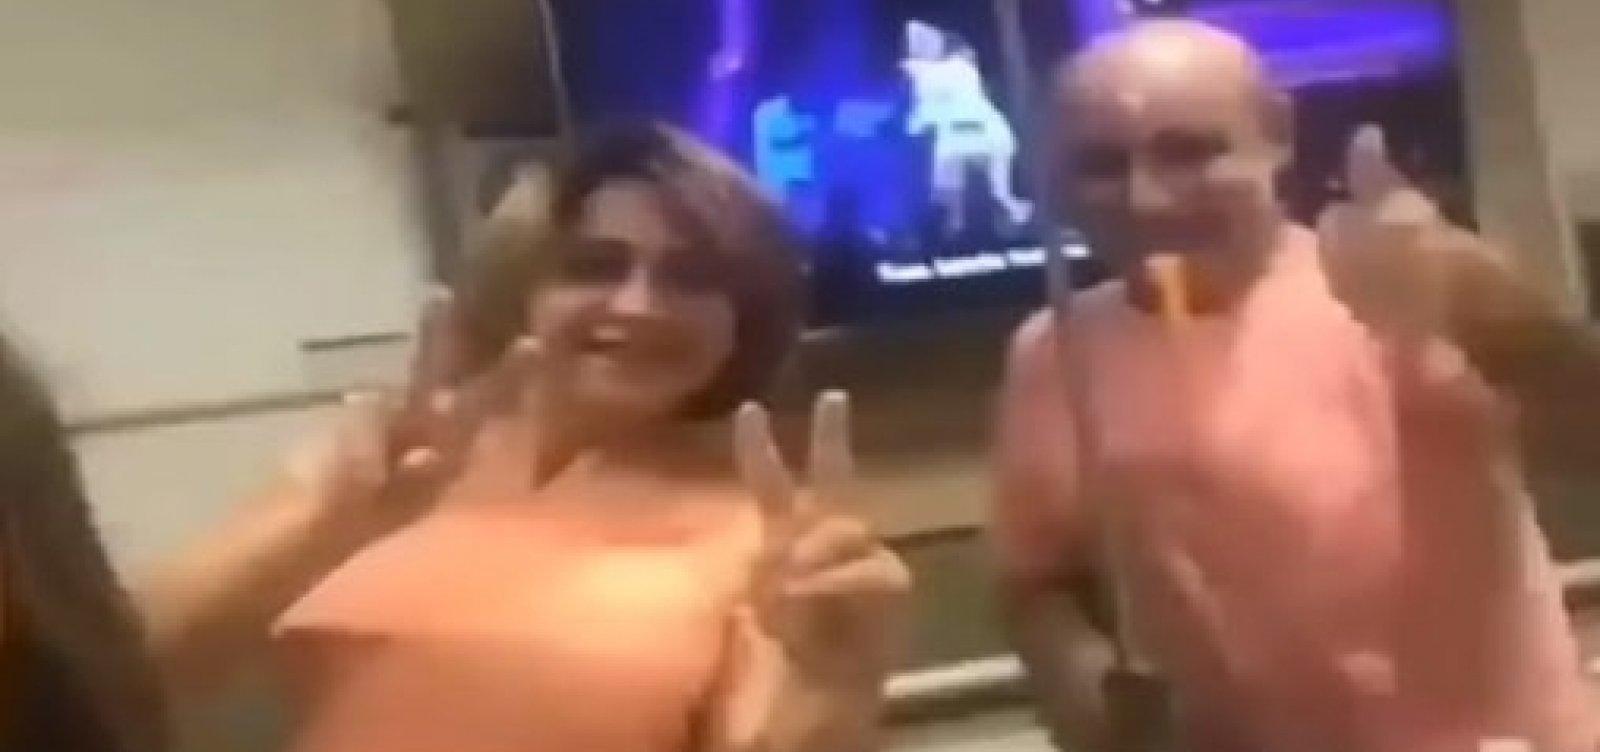 [Queiroz aparece em vídeo dançando no hospital]